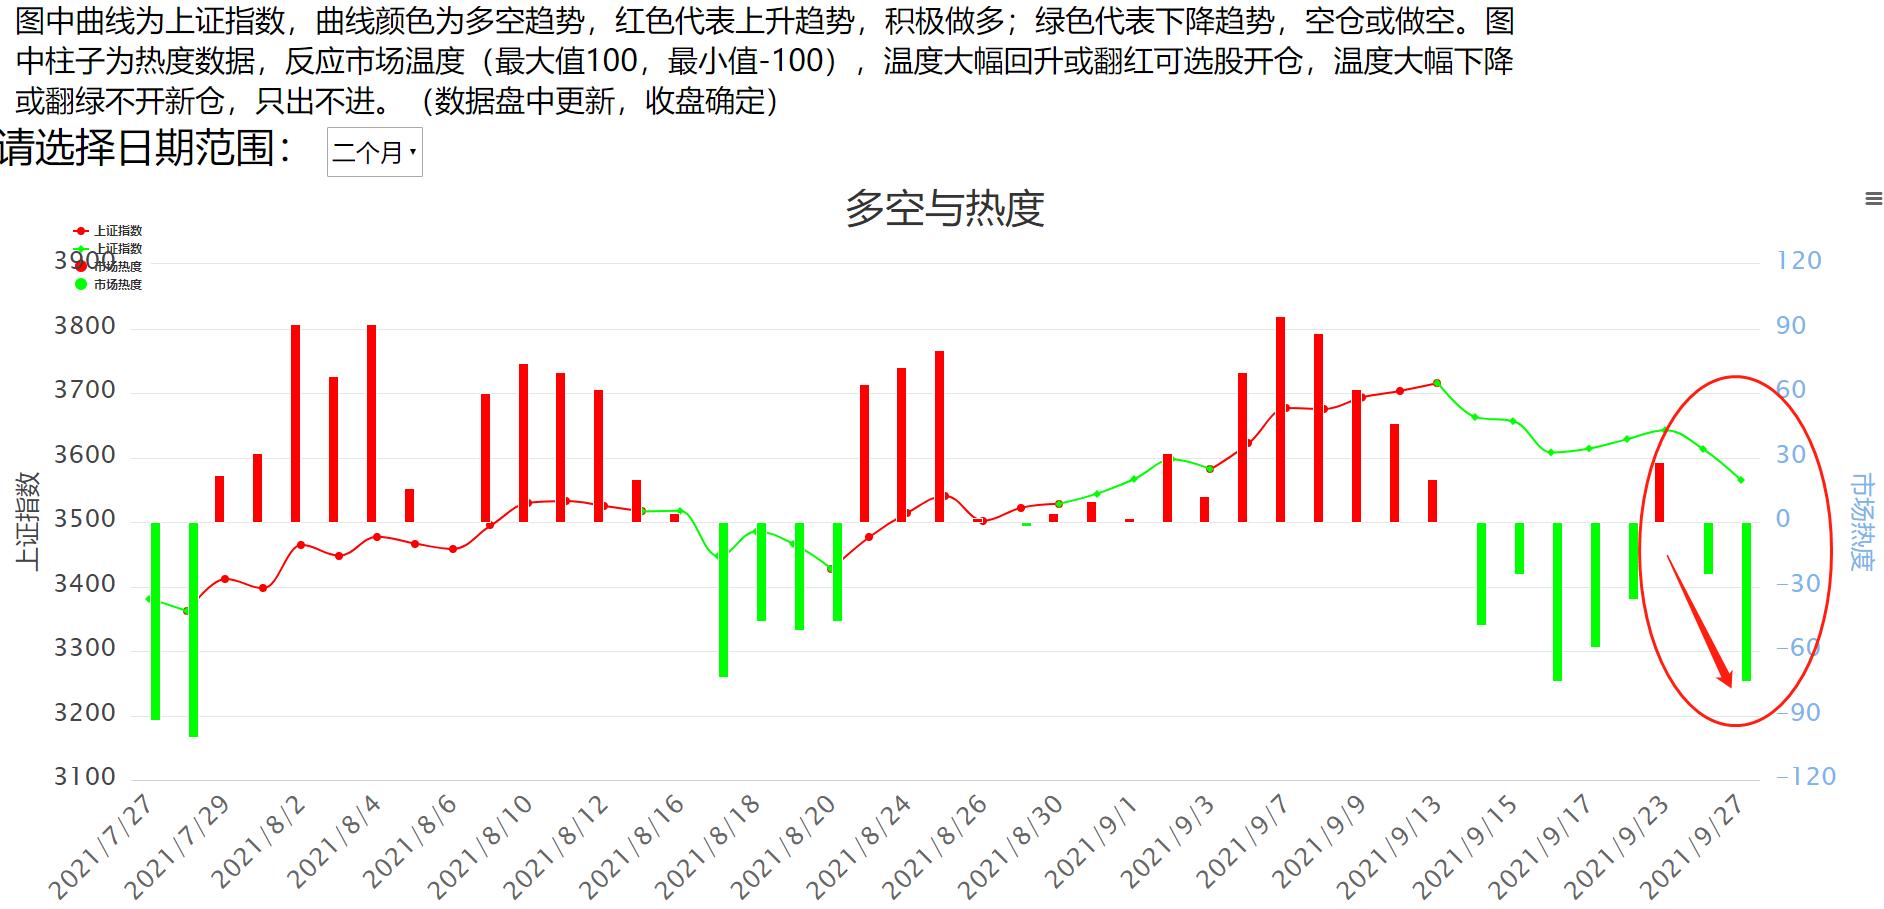 9.27午评:百股跌停,又一次提前规避风险